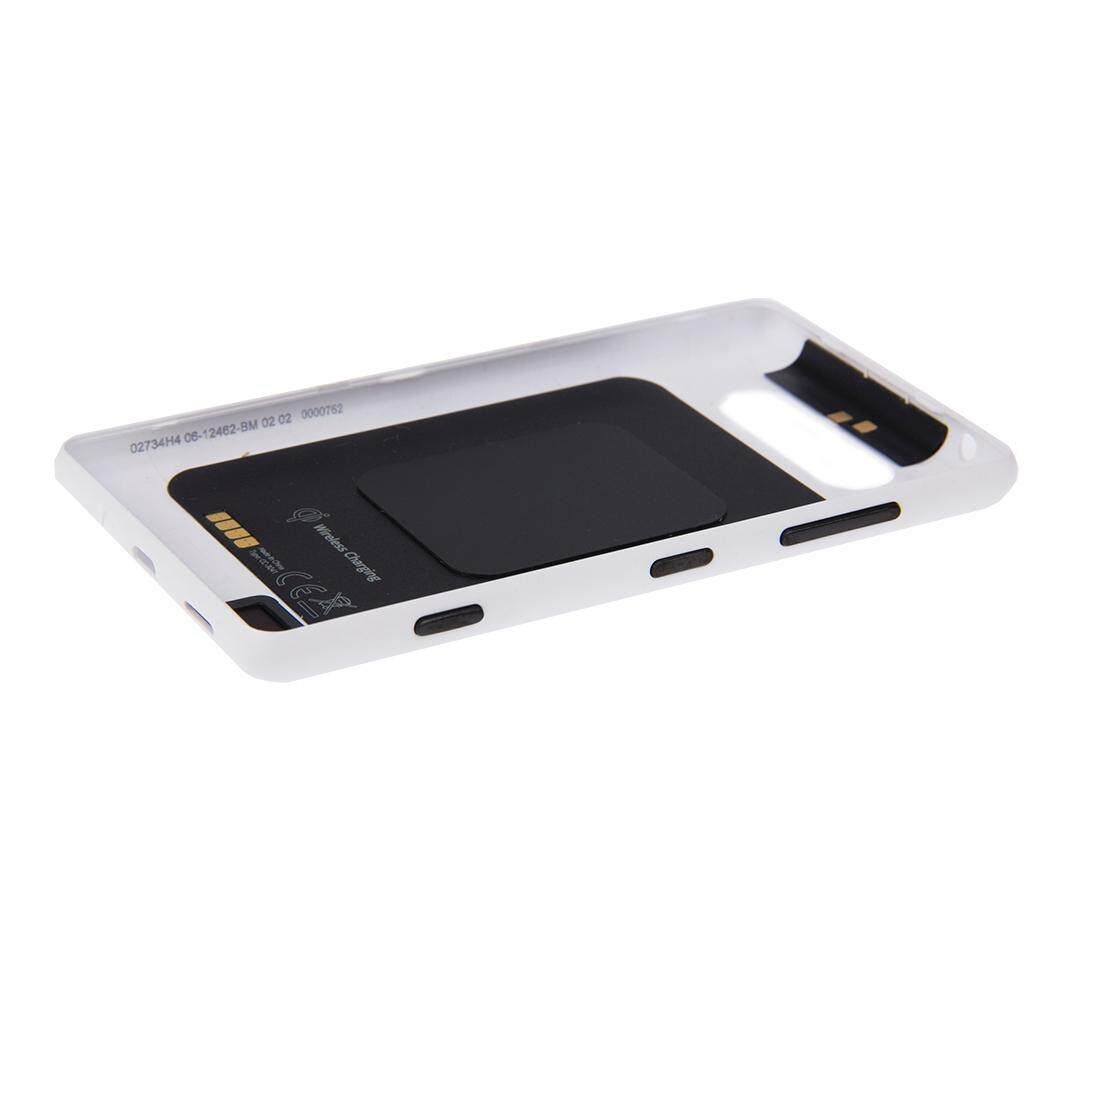 ... Warna Solid NFC Penutup Belakang untuk Nokia Lumia 820 (Putih)-Intl - 4 ...